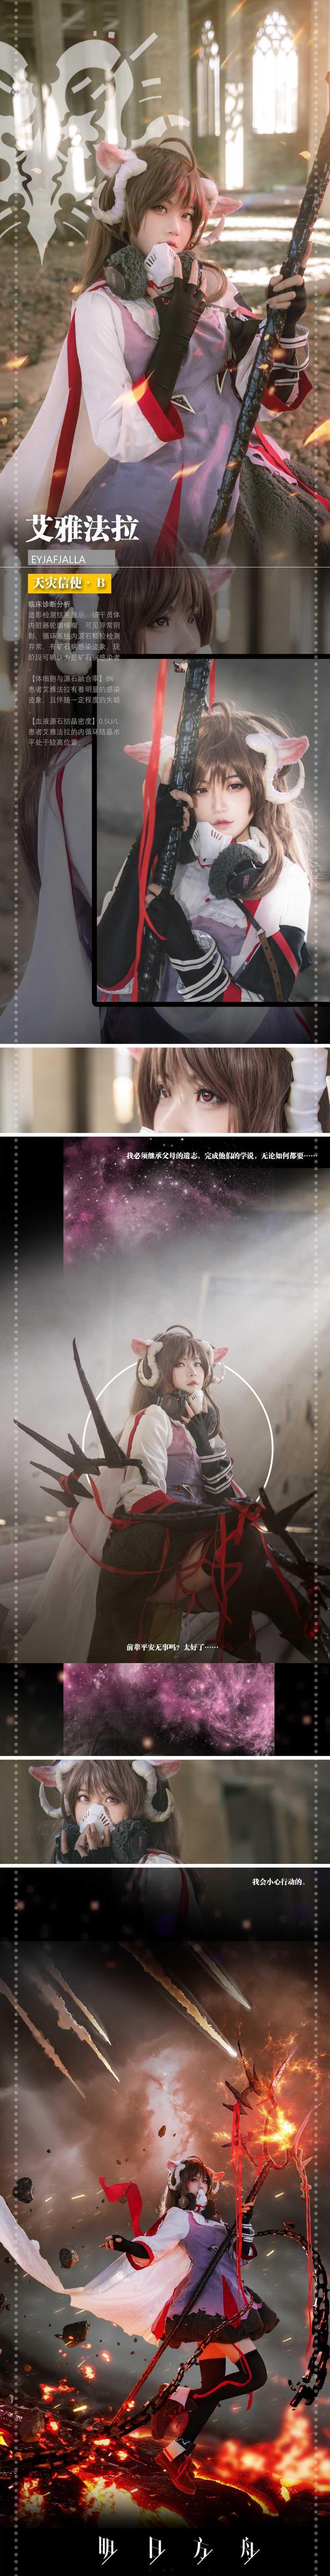 《明日方舟》正片cosplay【CN:早见奶音】-第1张